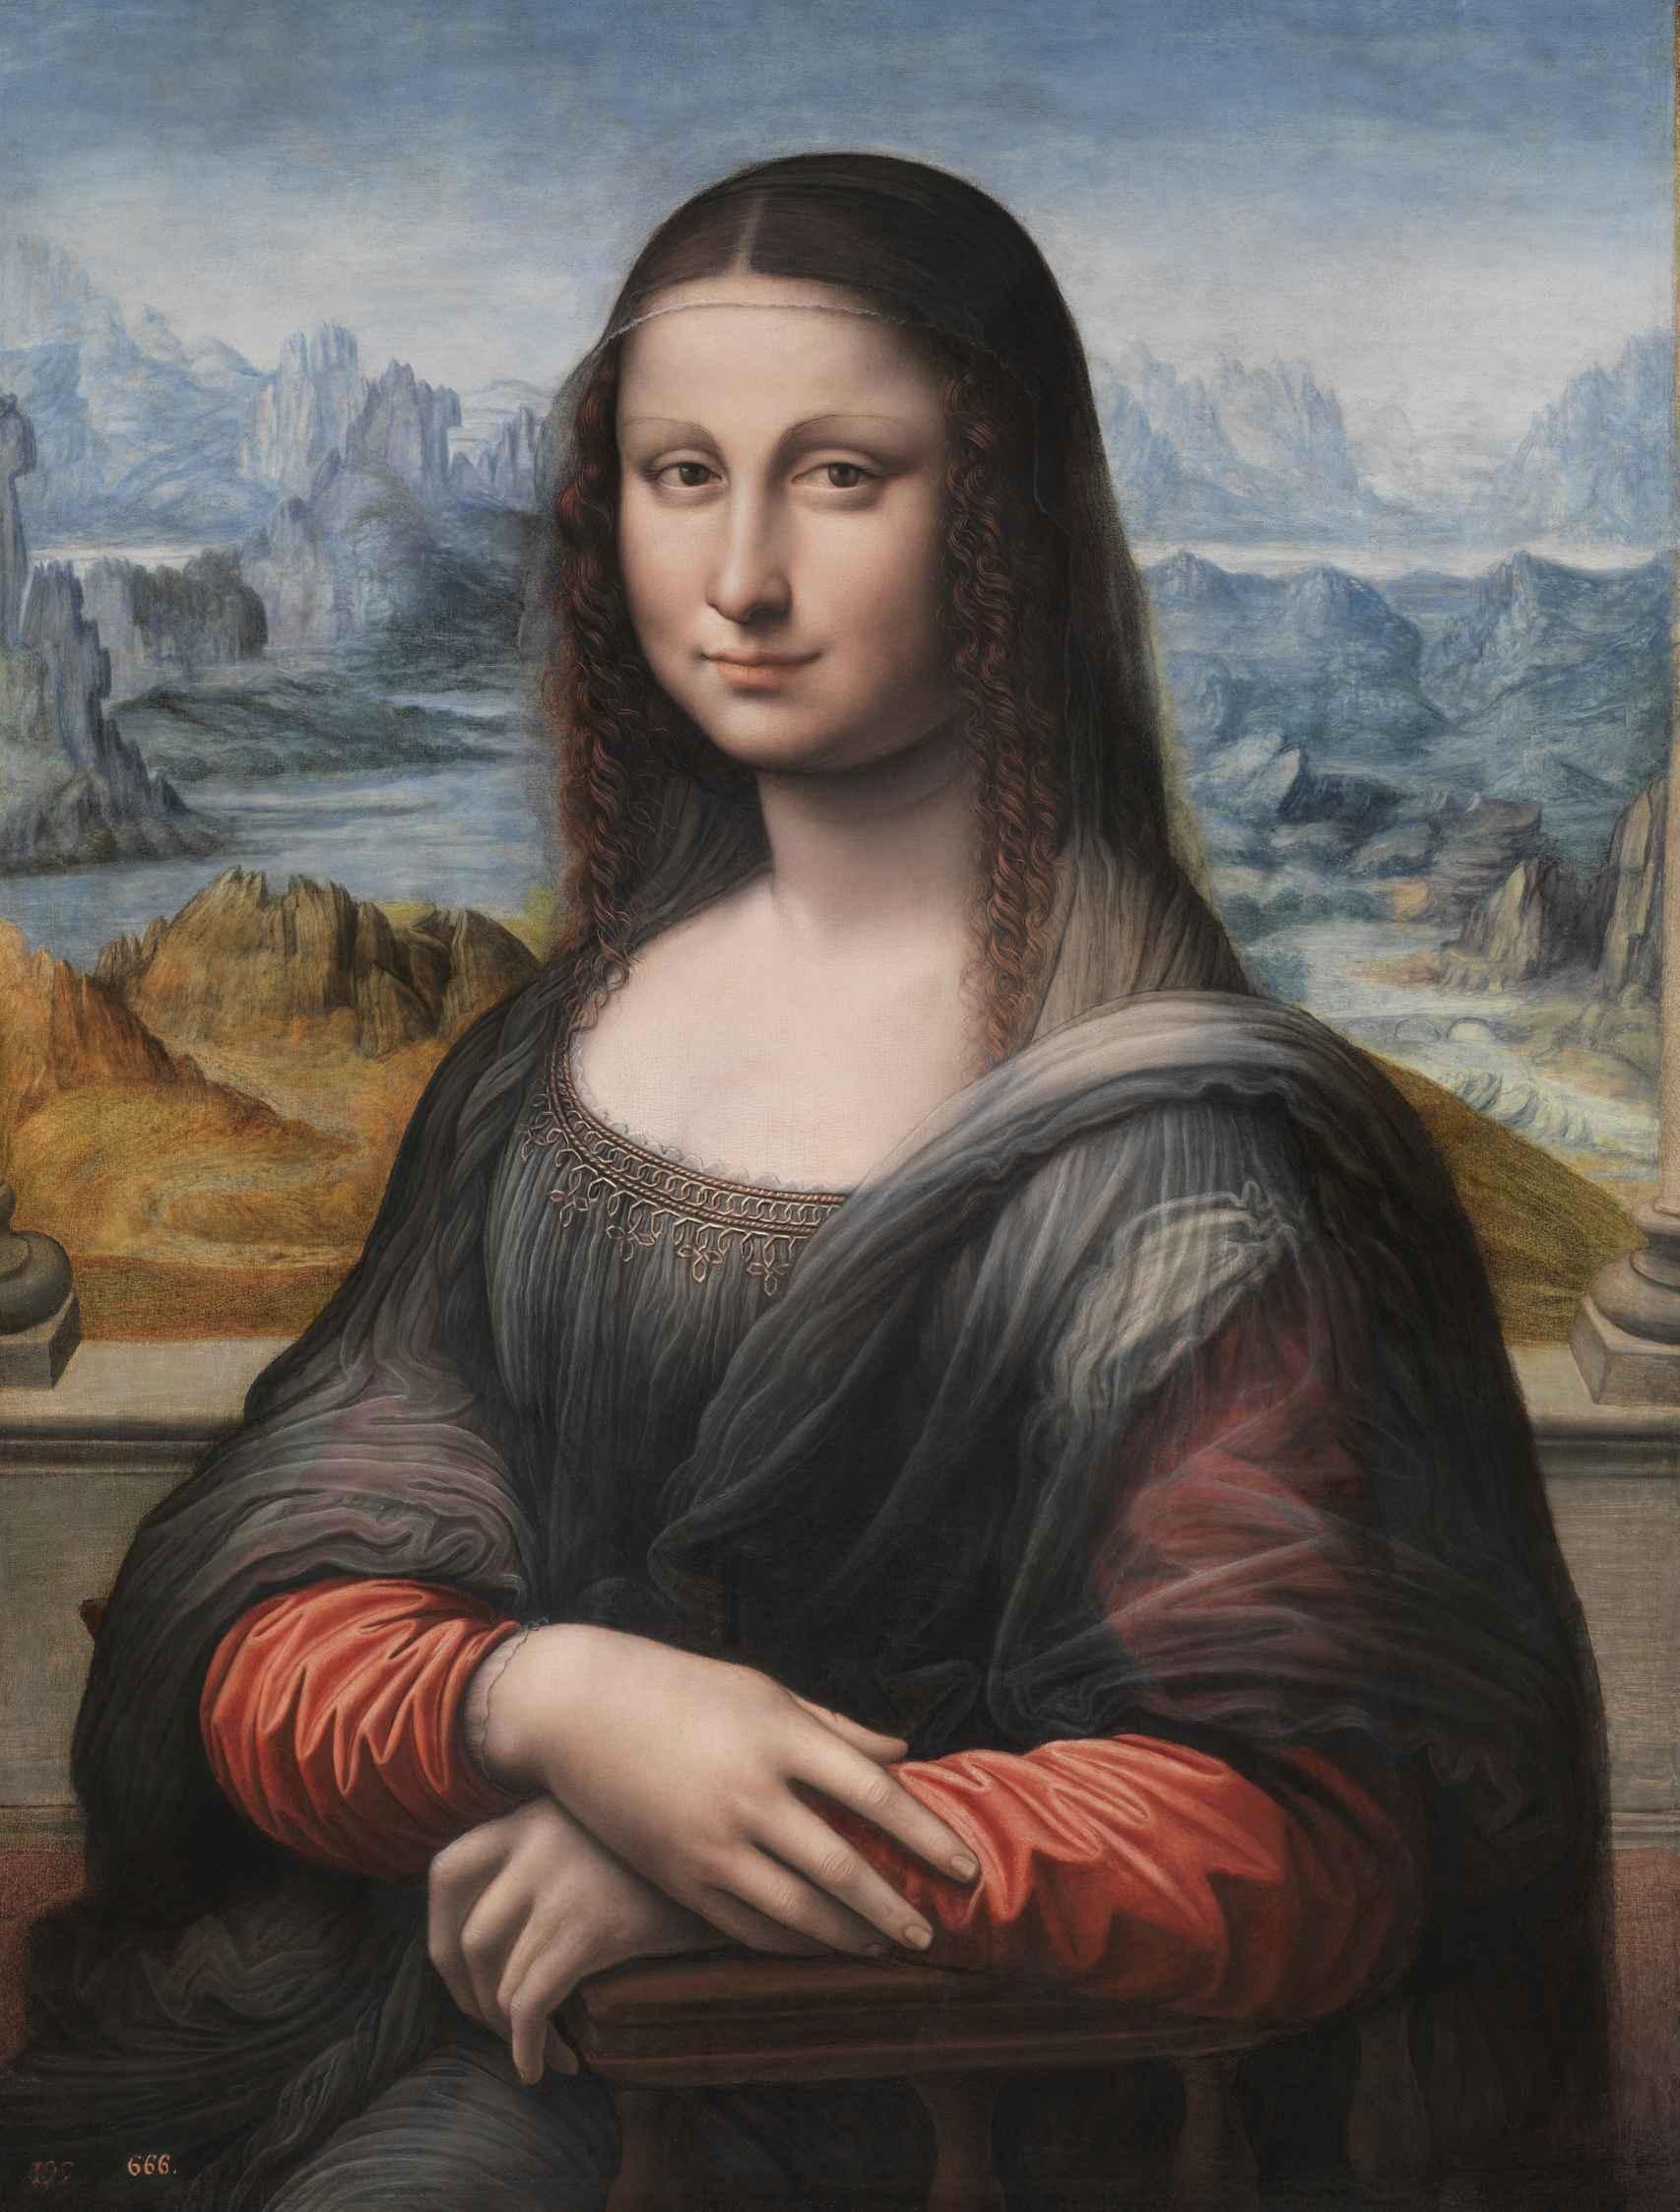 La Gioconda, anónimo (Taller de Leonardo da Vinci).